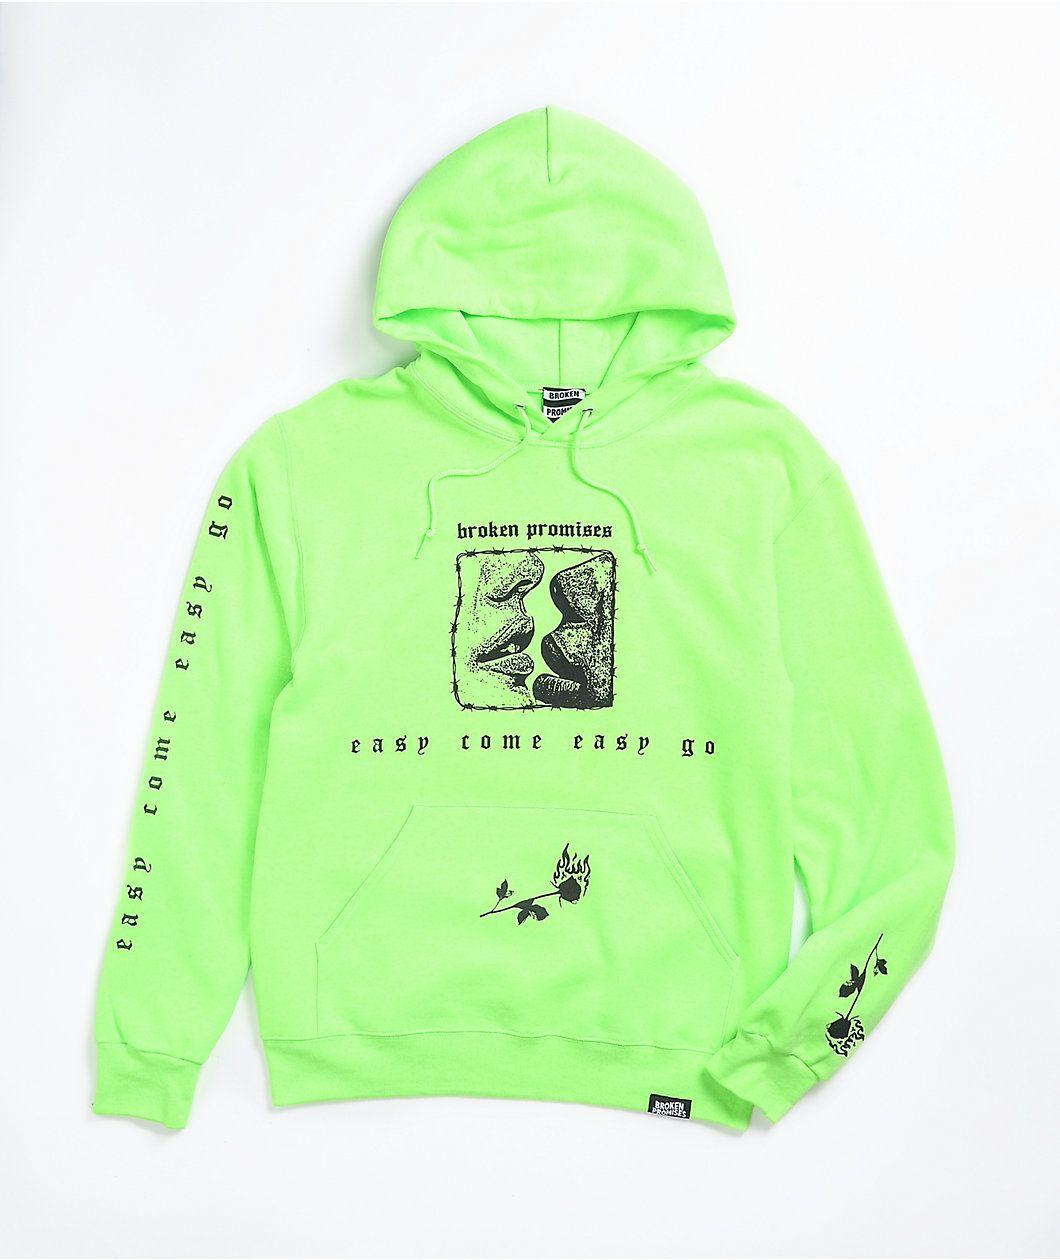 Broken Promises Easy Go Neon Green Hoodie Zumiez In 2021 Green Hoodie Hoodies Hoodie Zumiez [ 1260 x 1060 Pixel ]